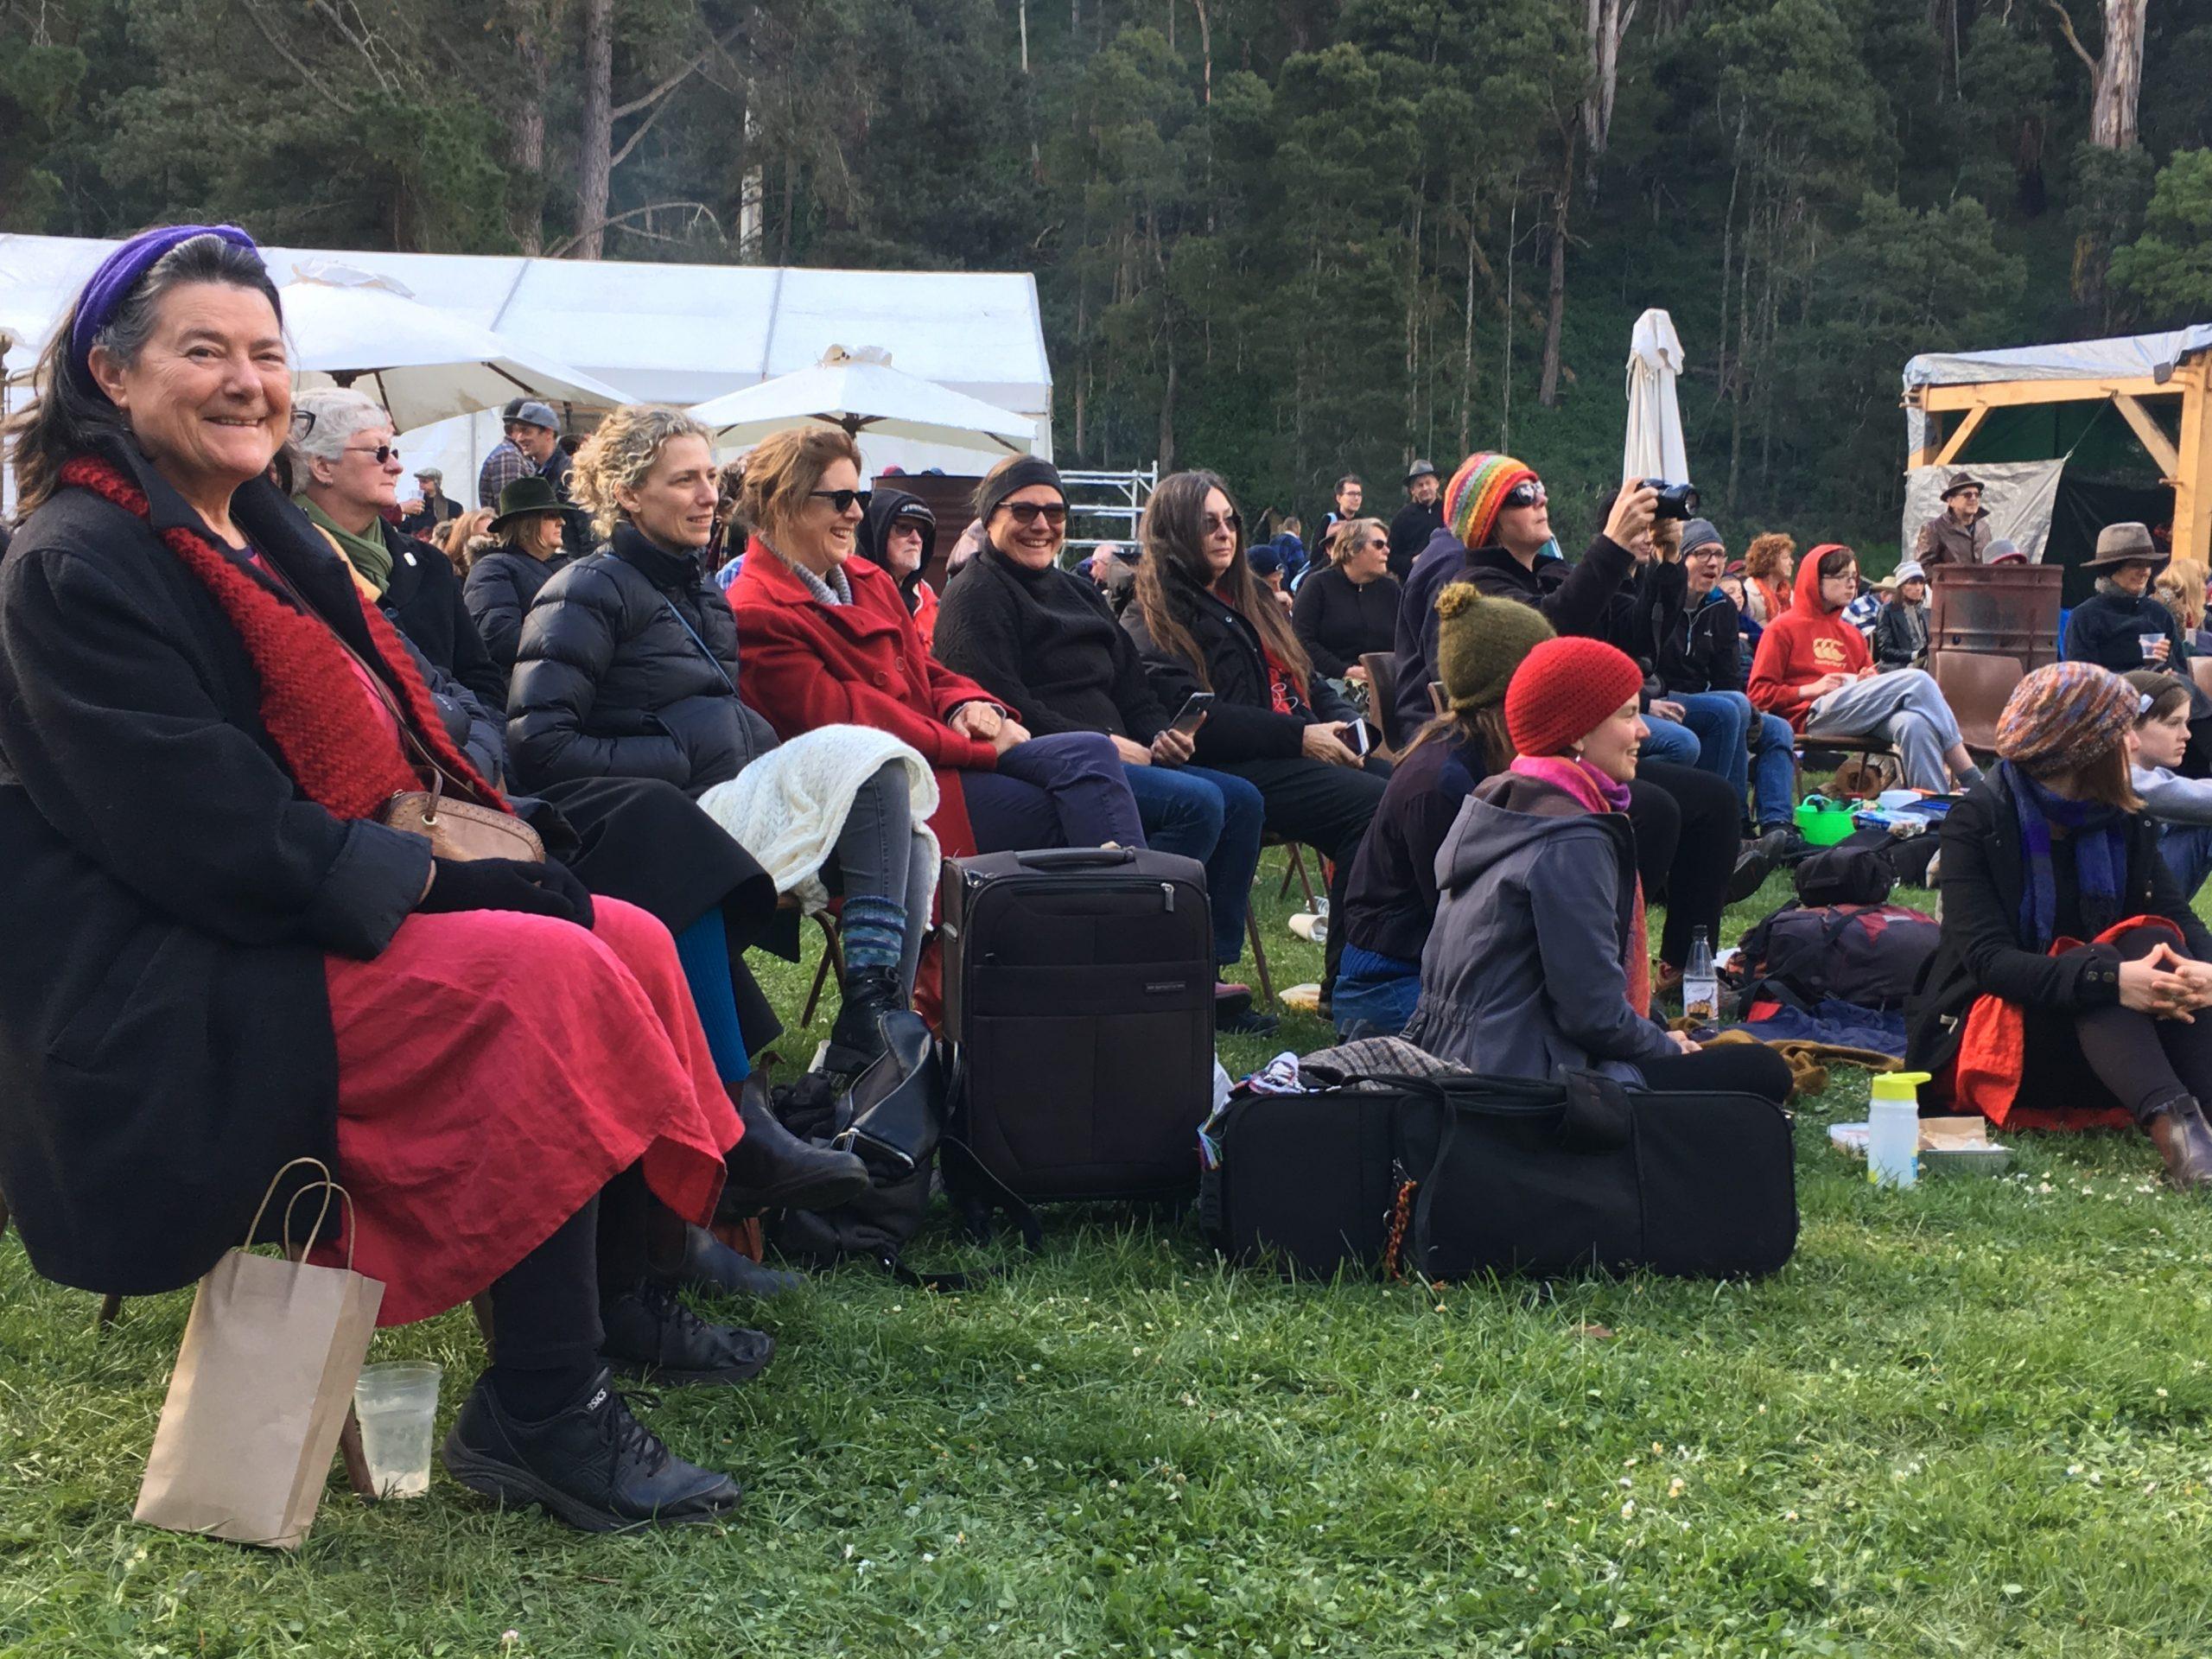 QuasiTrad camp